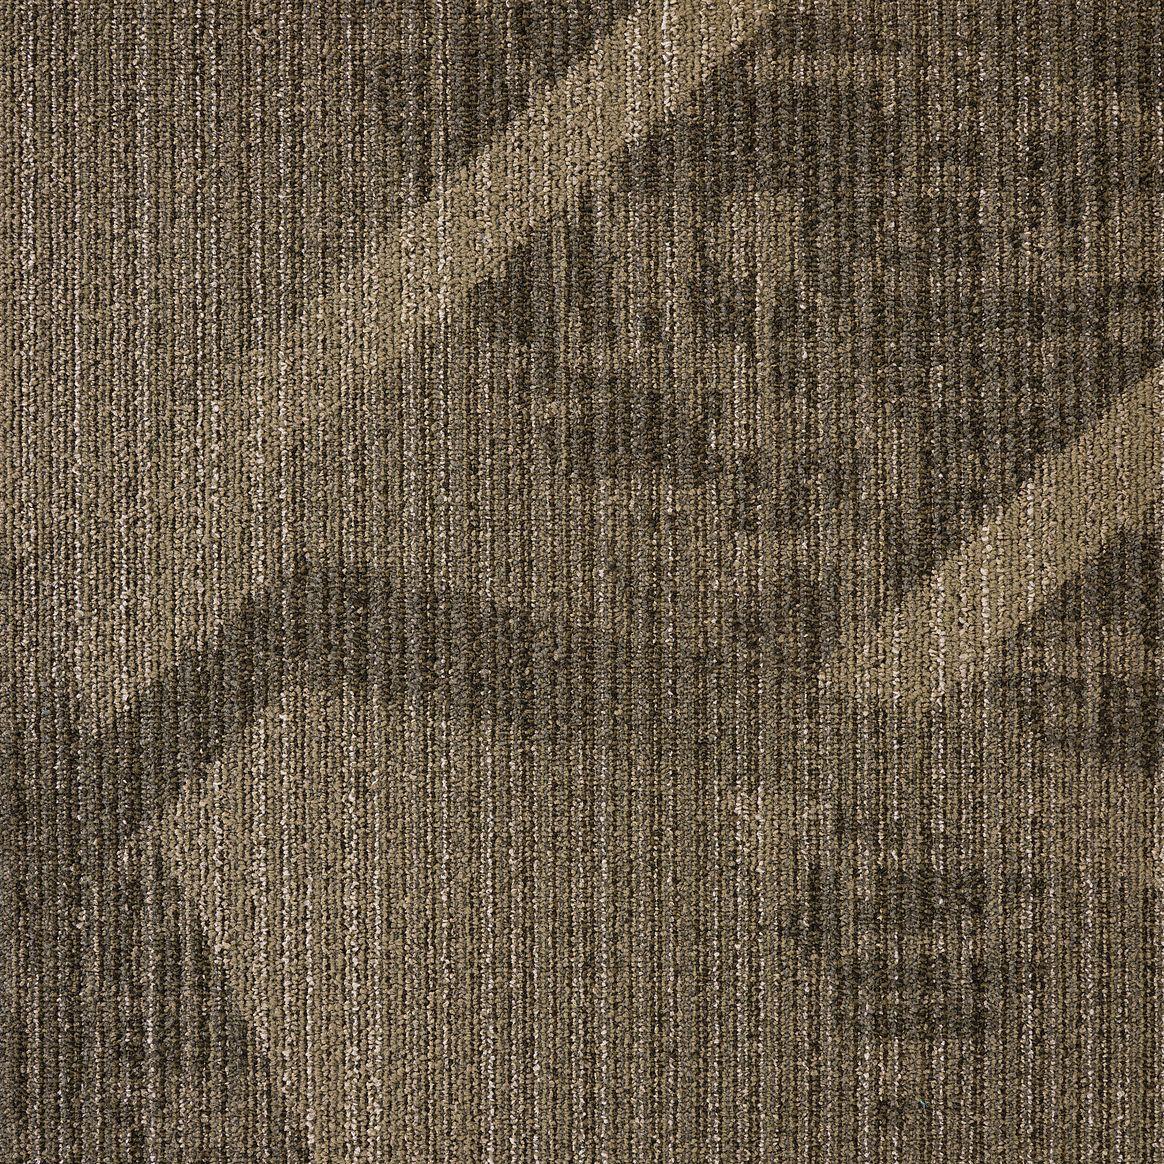 Retroscope thumbnail